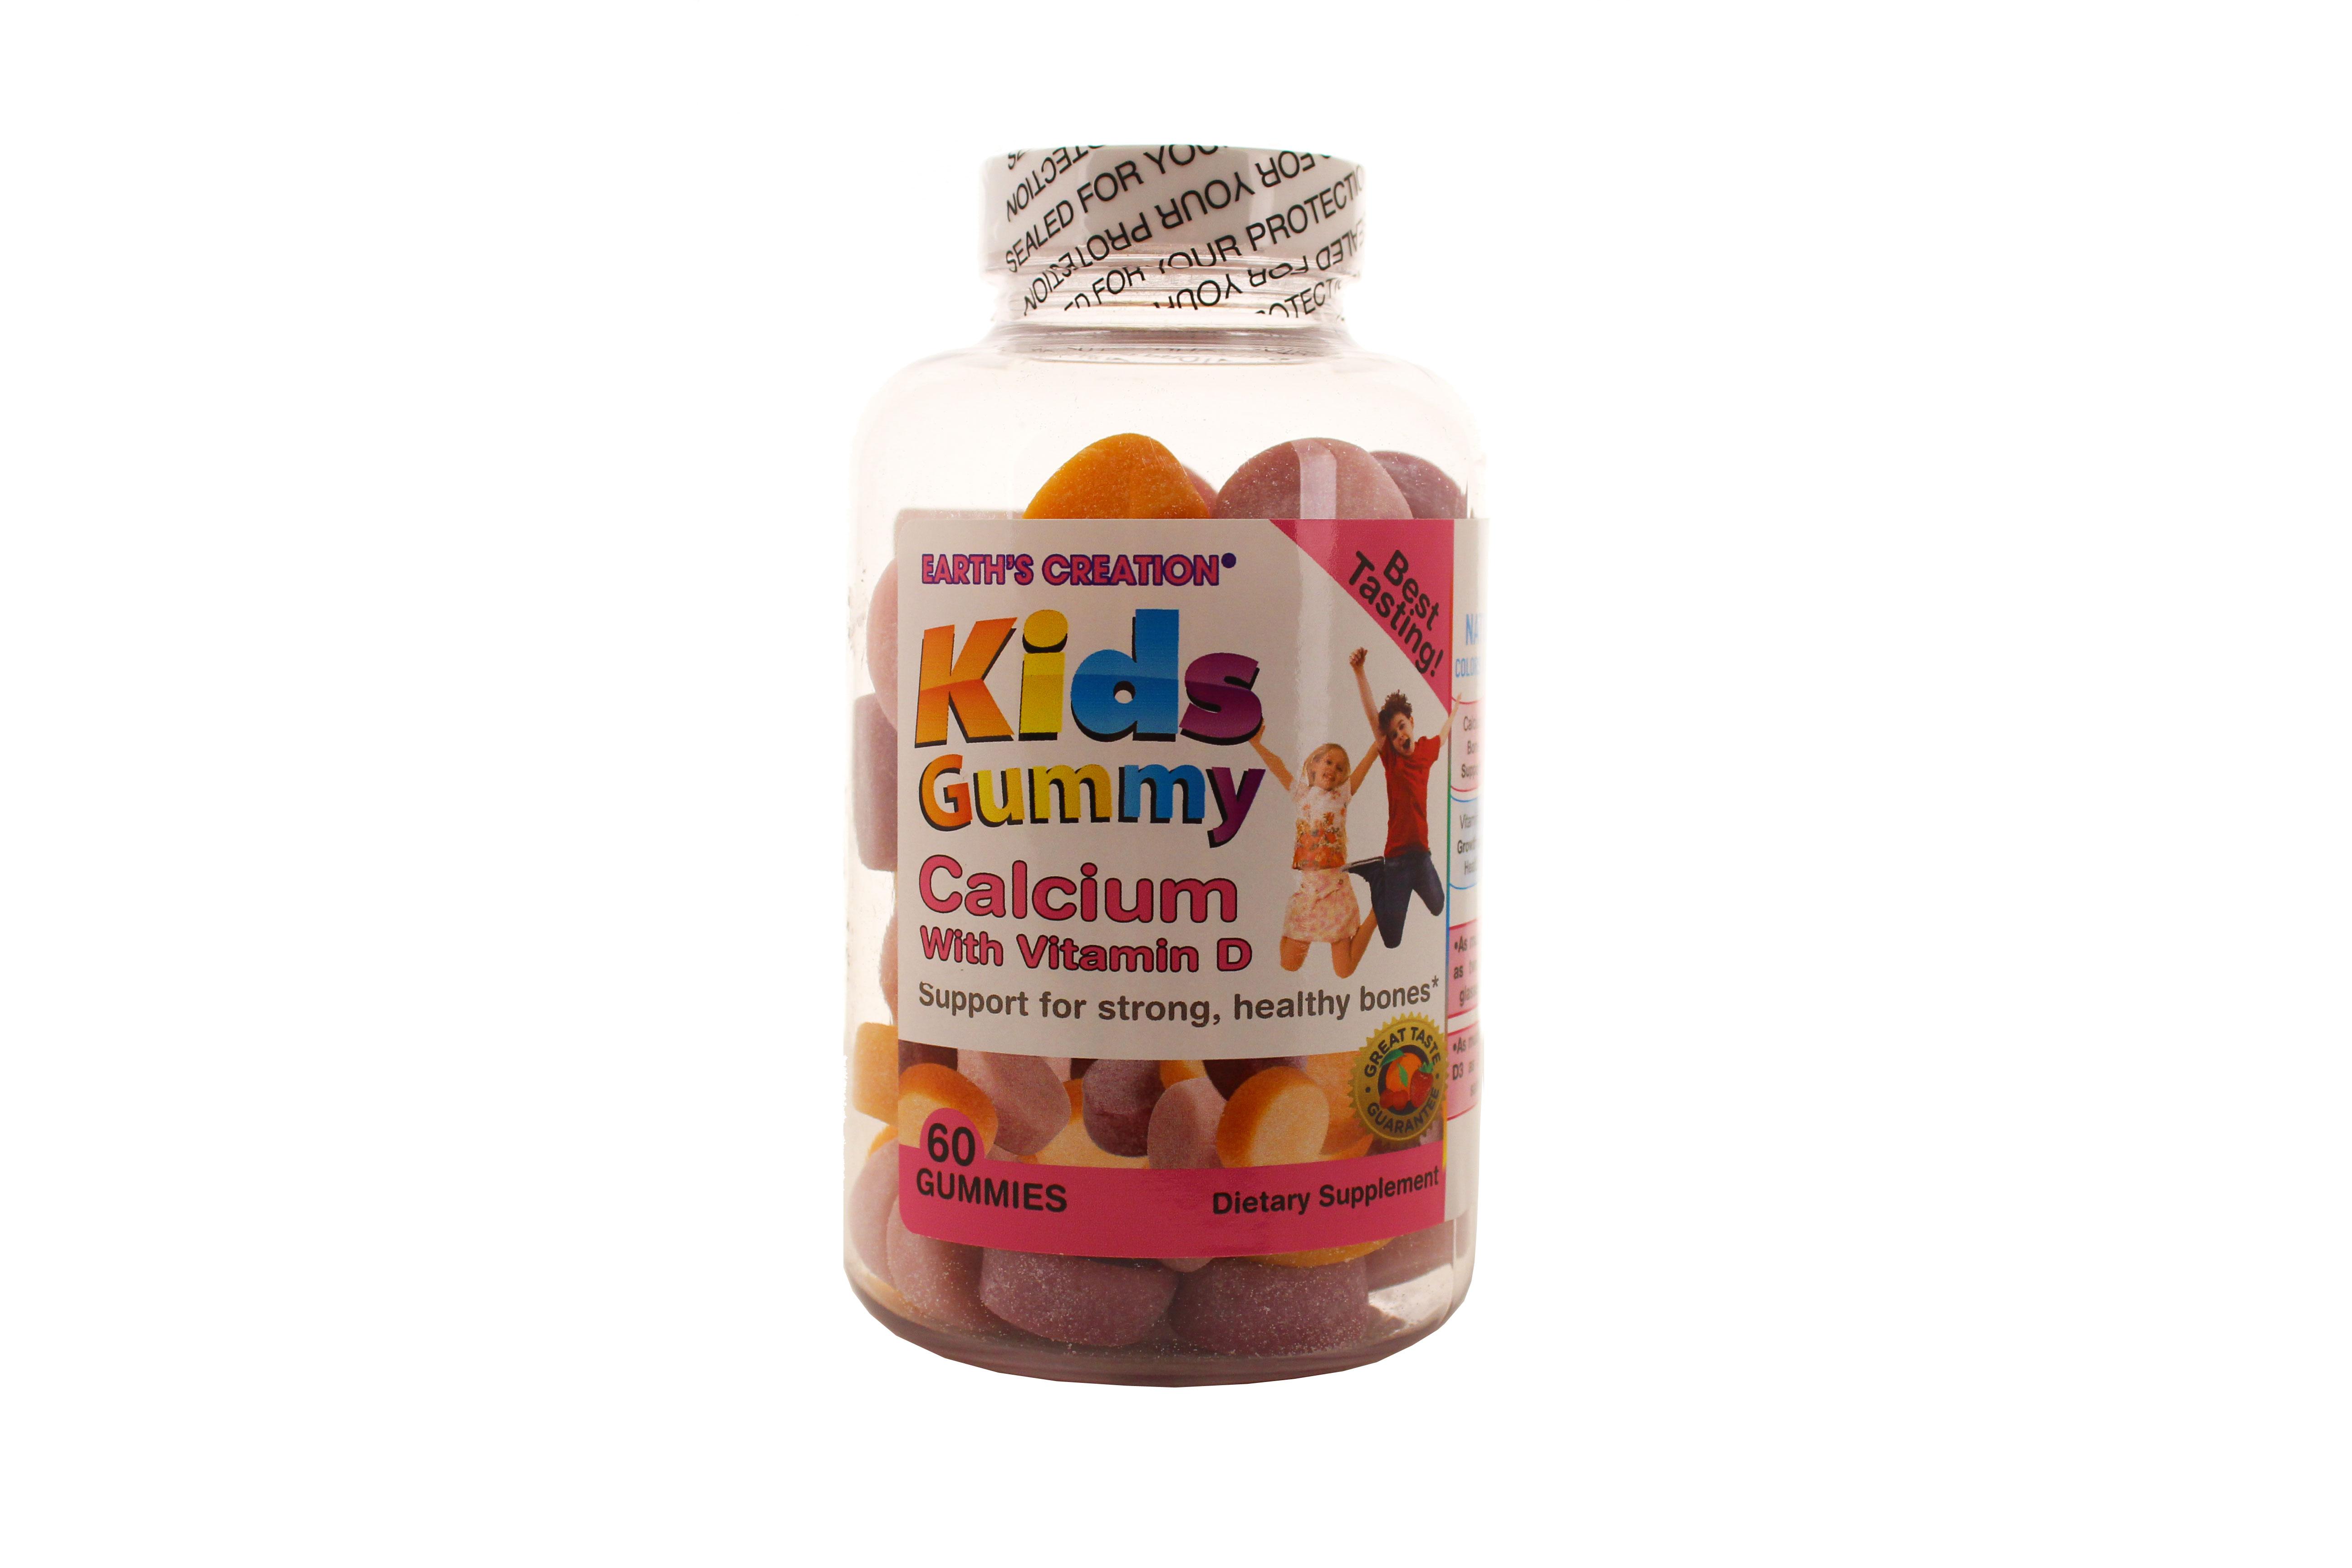 calcium-gummy-kids-pic